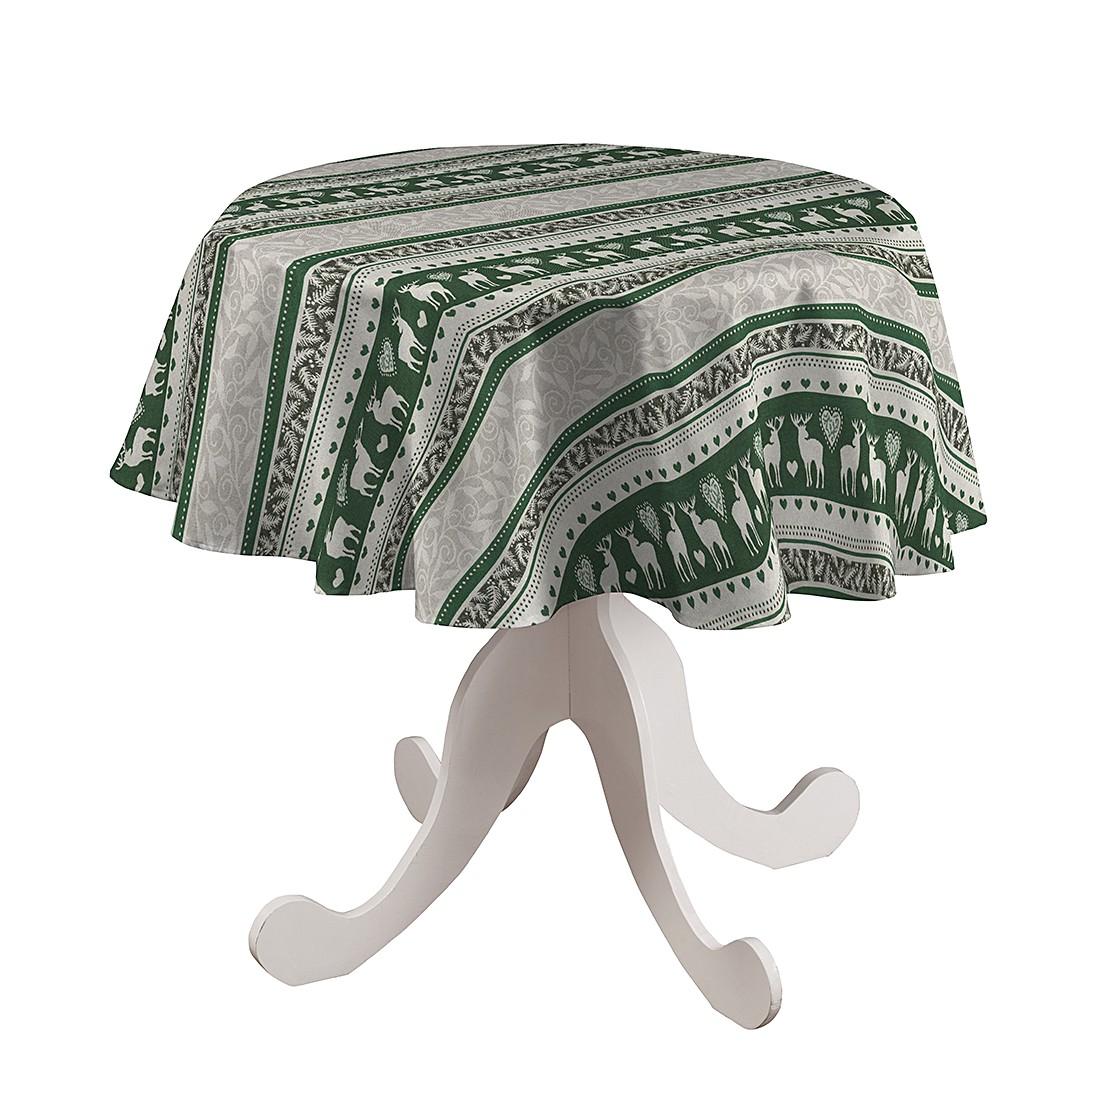 Tischdecke Renntür Rund – Grün – Ø 135 cm, Dekoria günstig bestellen